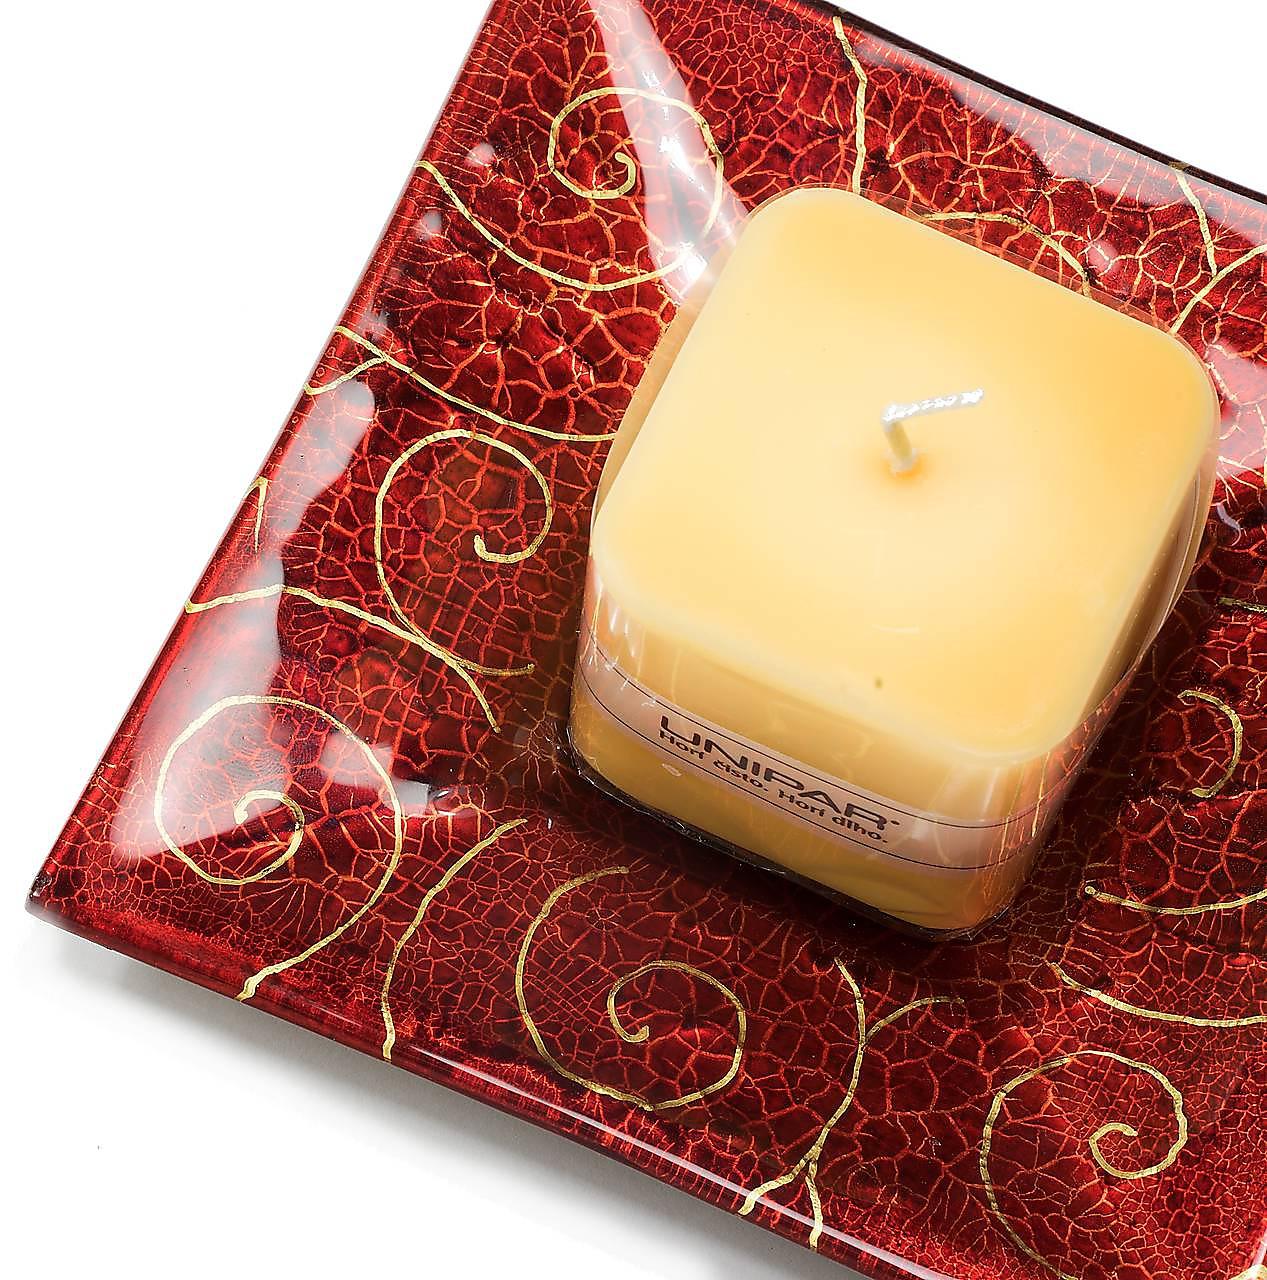 Svietidlá a sviečky - Sklenený svietnik so sviečkou červený JUNE 03 - dekor zlaté špirály - 9921387_